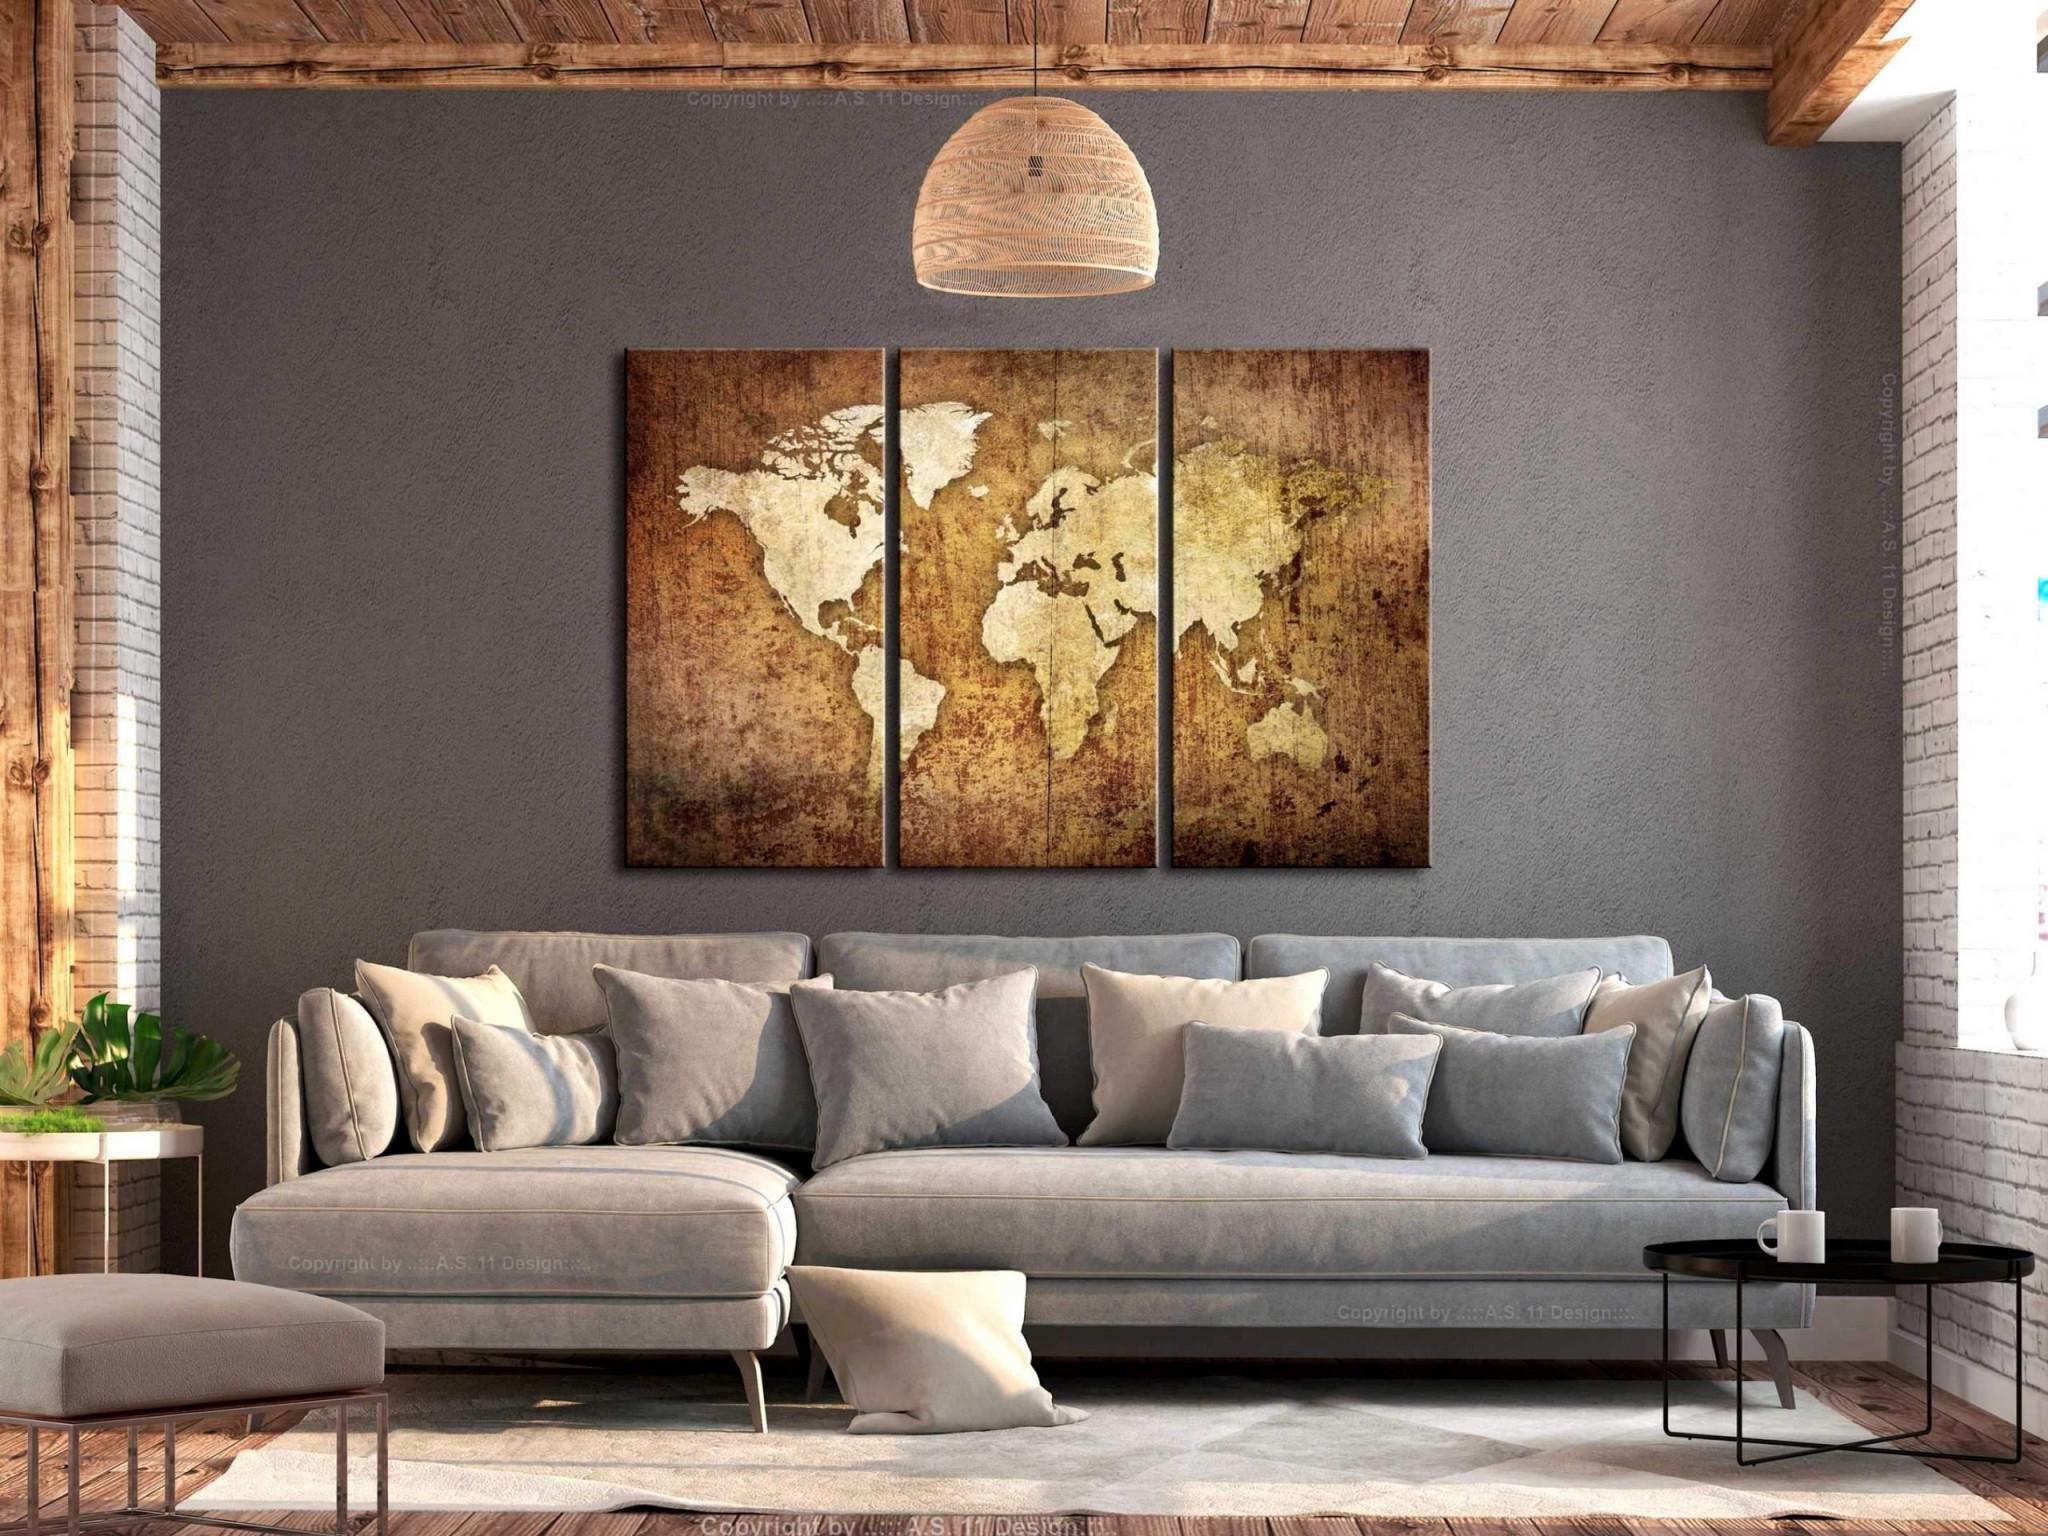 Wohnzimmer Leinwand Das Beste Von Wohnzimmer Leinwand von Wohnzimmer Bilder Auf Leinwand Photo